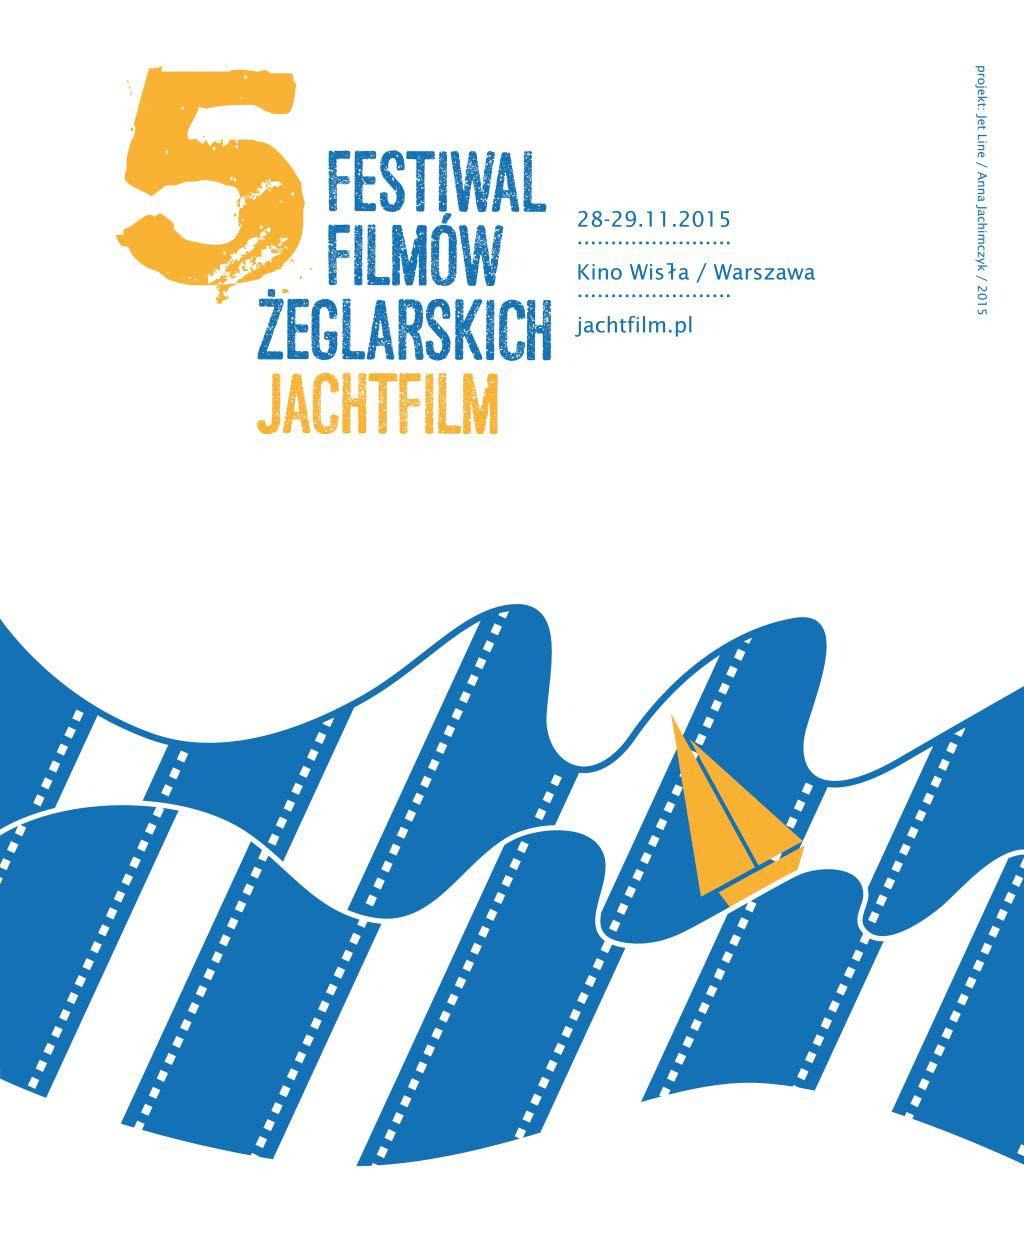 5. Festiwal Filmów Żeglarskich JachtFilm odbędzie się w dniach 28-29 listopada 2015 roku w Warszawie 5. Festiwal Filmów Żeglarskich JachtFilm odbędzie się w dniach 28-29 listopada 2015 roku w Warszawie Plakat